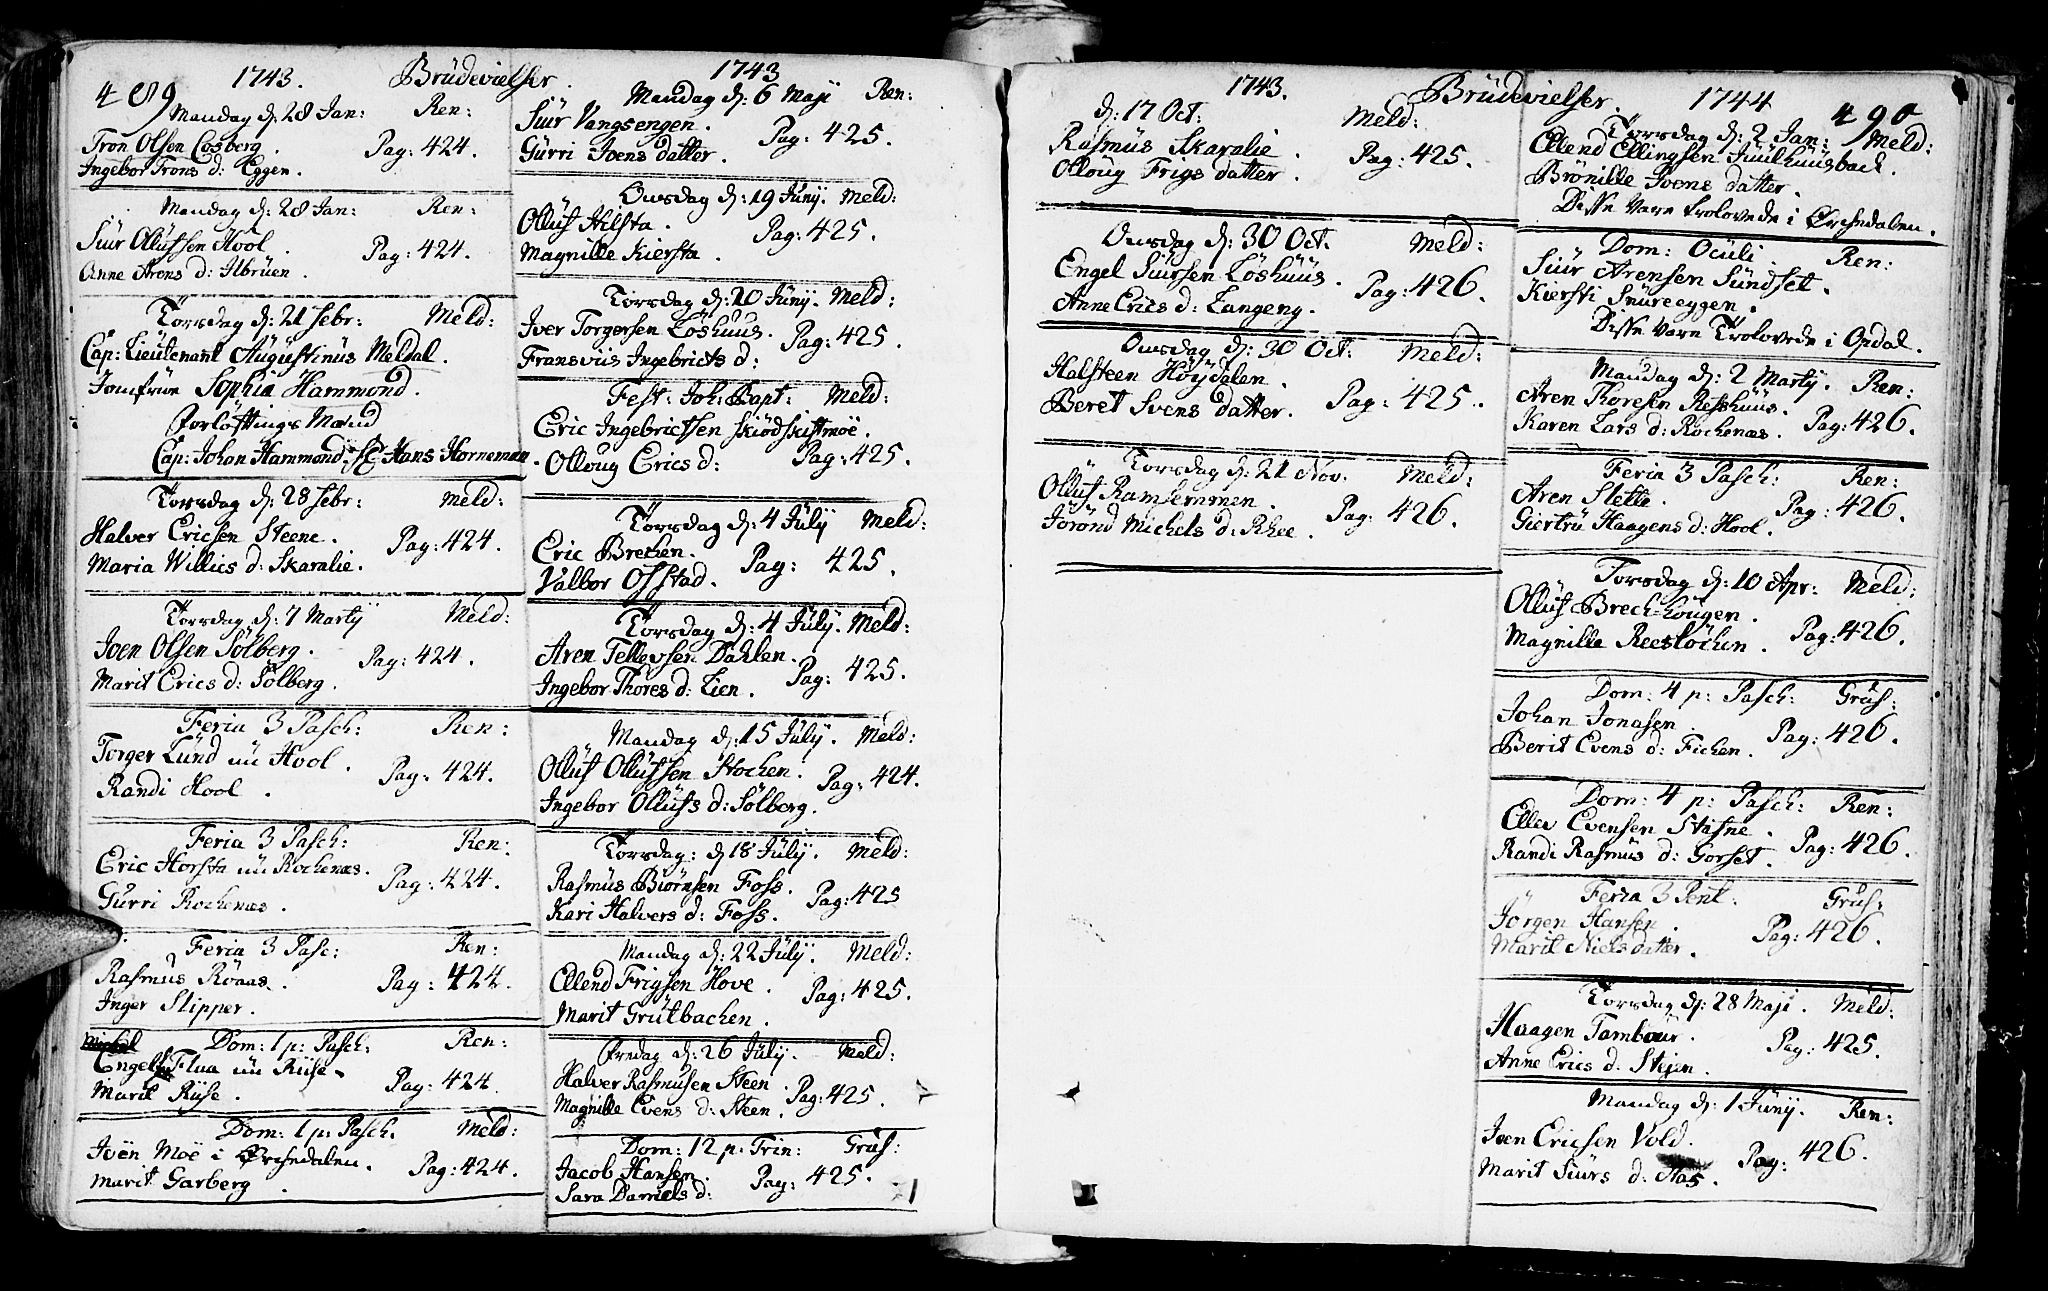 SAT, Ministerialprotokoller, klokkerbøker og fødselsregistre - Sør-Trøndelag, 672/L0850: Ministerialbok nr. 672A03, 1725-1751, s. 489-490